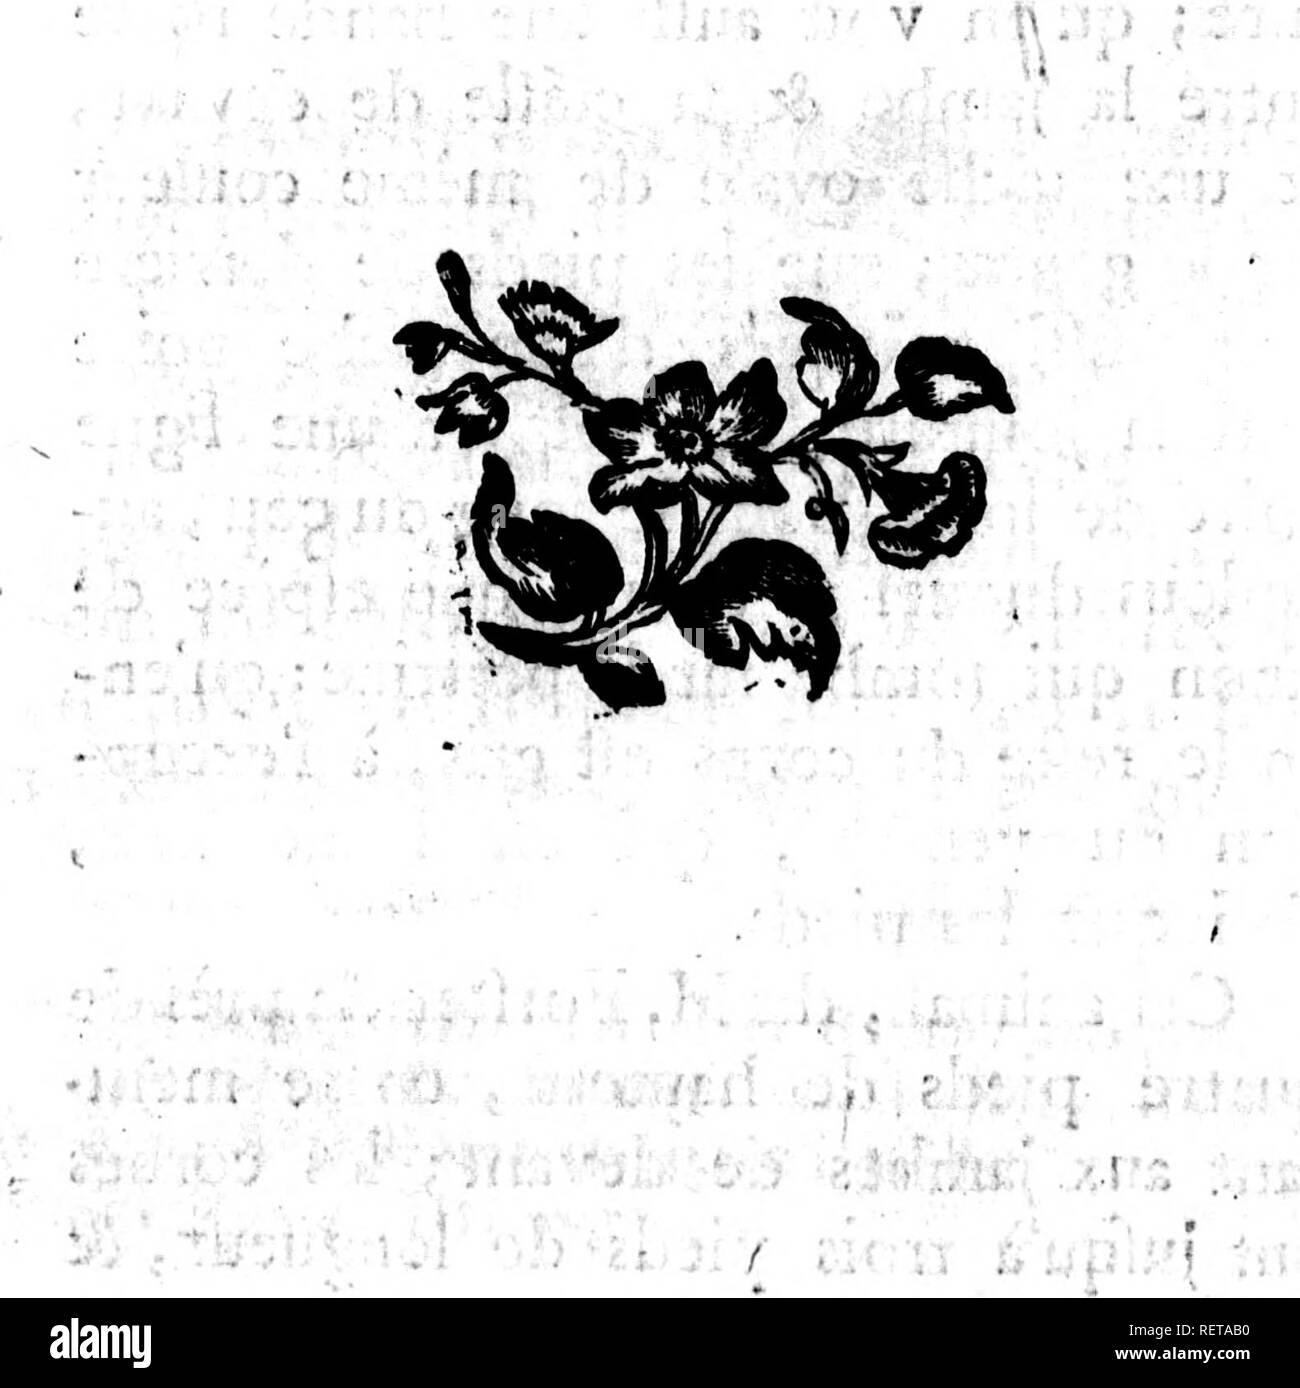 """. Histoire naturelle, générale et particulière [microforme] : servant de suite à l'histoire des animaux quadrupèdes. Sciences naturelles; Natural history. â .>''»*;i;:''î.'^rT""""' ï ...,.,...,. ^82 Supplément à VHiJloire reflcmblent parfaitement à celles qiii fe trouvent dans THiftoire Naturelle de M. de Buffon , volume XIL planche XXXIII, Ces gazelles ne vont point en troupes, mais feulement par paires, & il me femble que c*cfl: le même animal ' que le parafai du Congo , dont parle le P. Charles dé Plaifance (d). , ^., <⢠{'dj Voyage au Congo, tome I^page 49^4/ *&quot - Stock Image"""